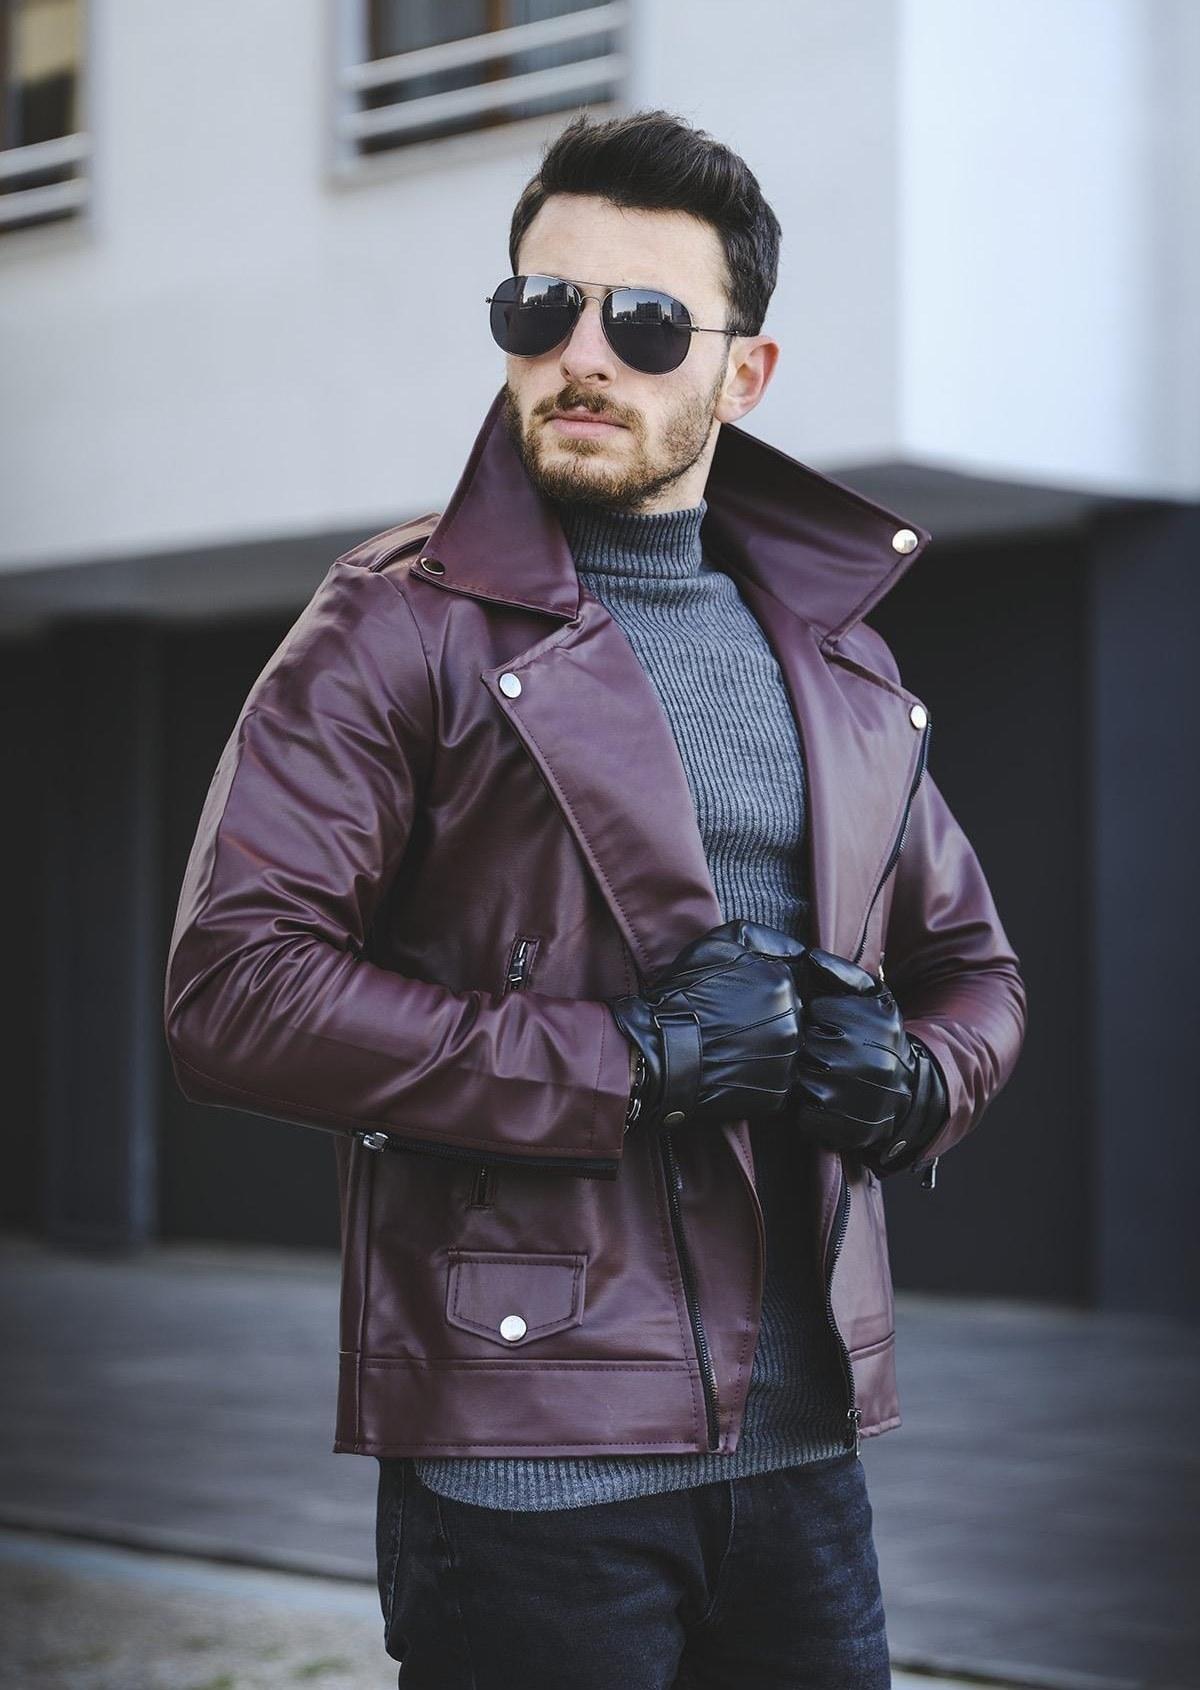 تصویر ژاکت چرم مردانه برند اکسید رنگ زرشکی ty72781216